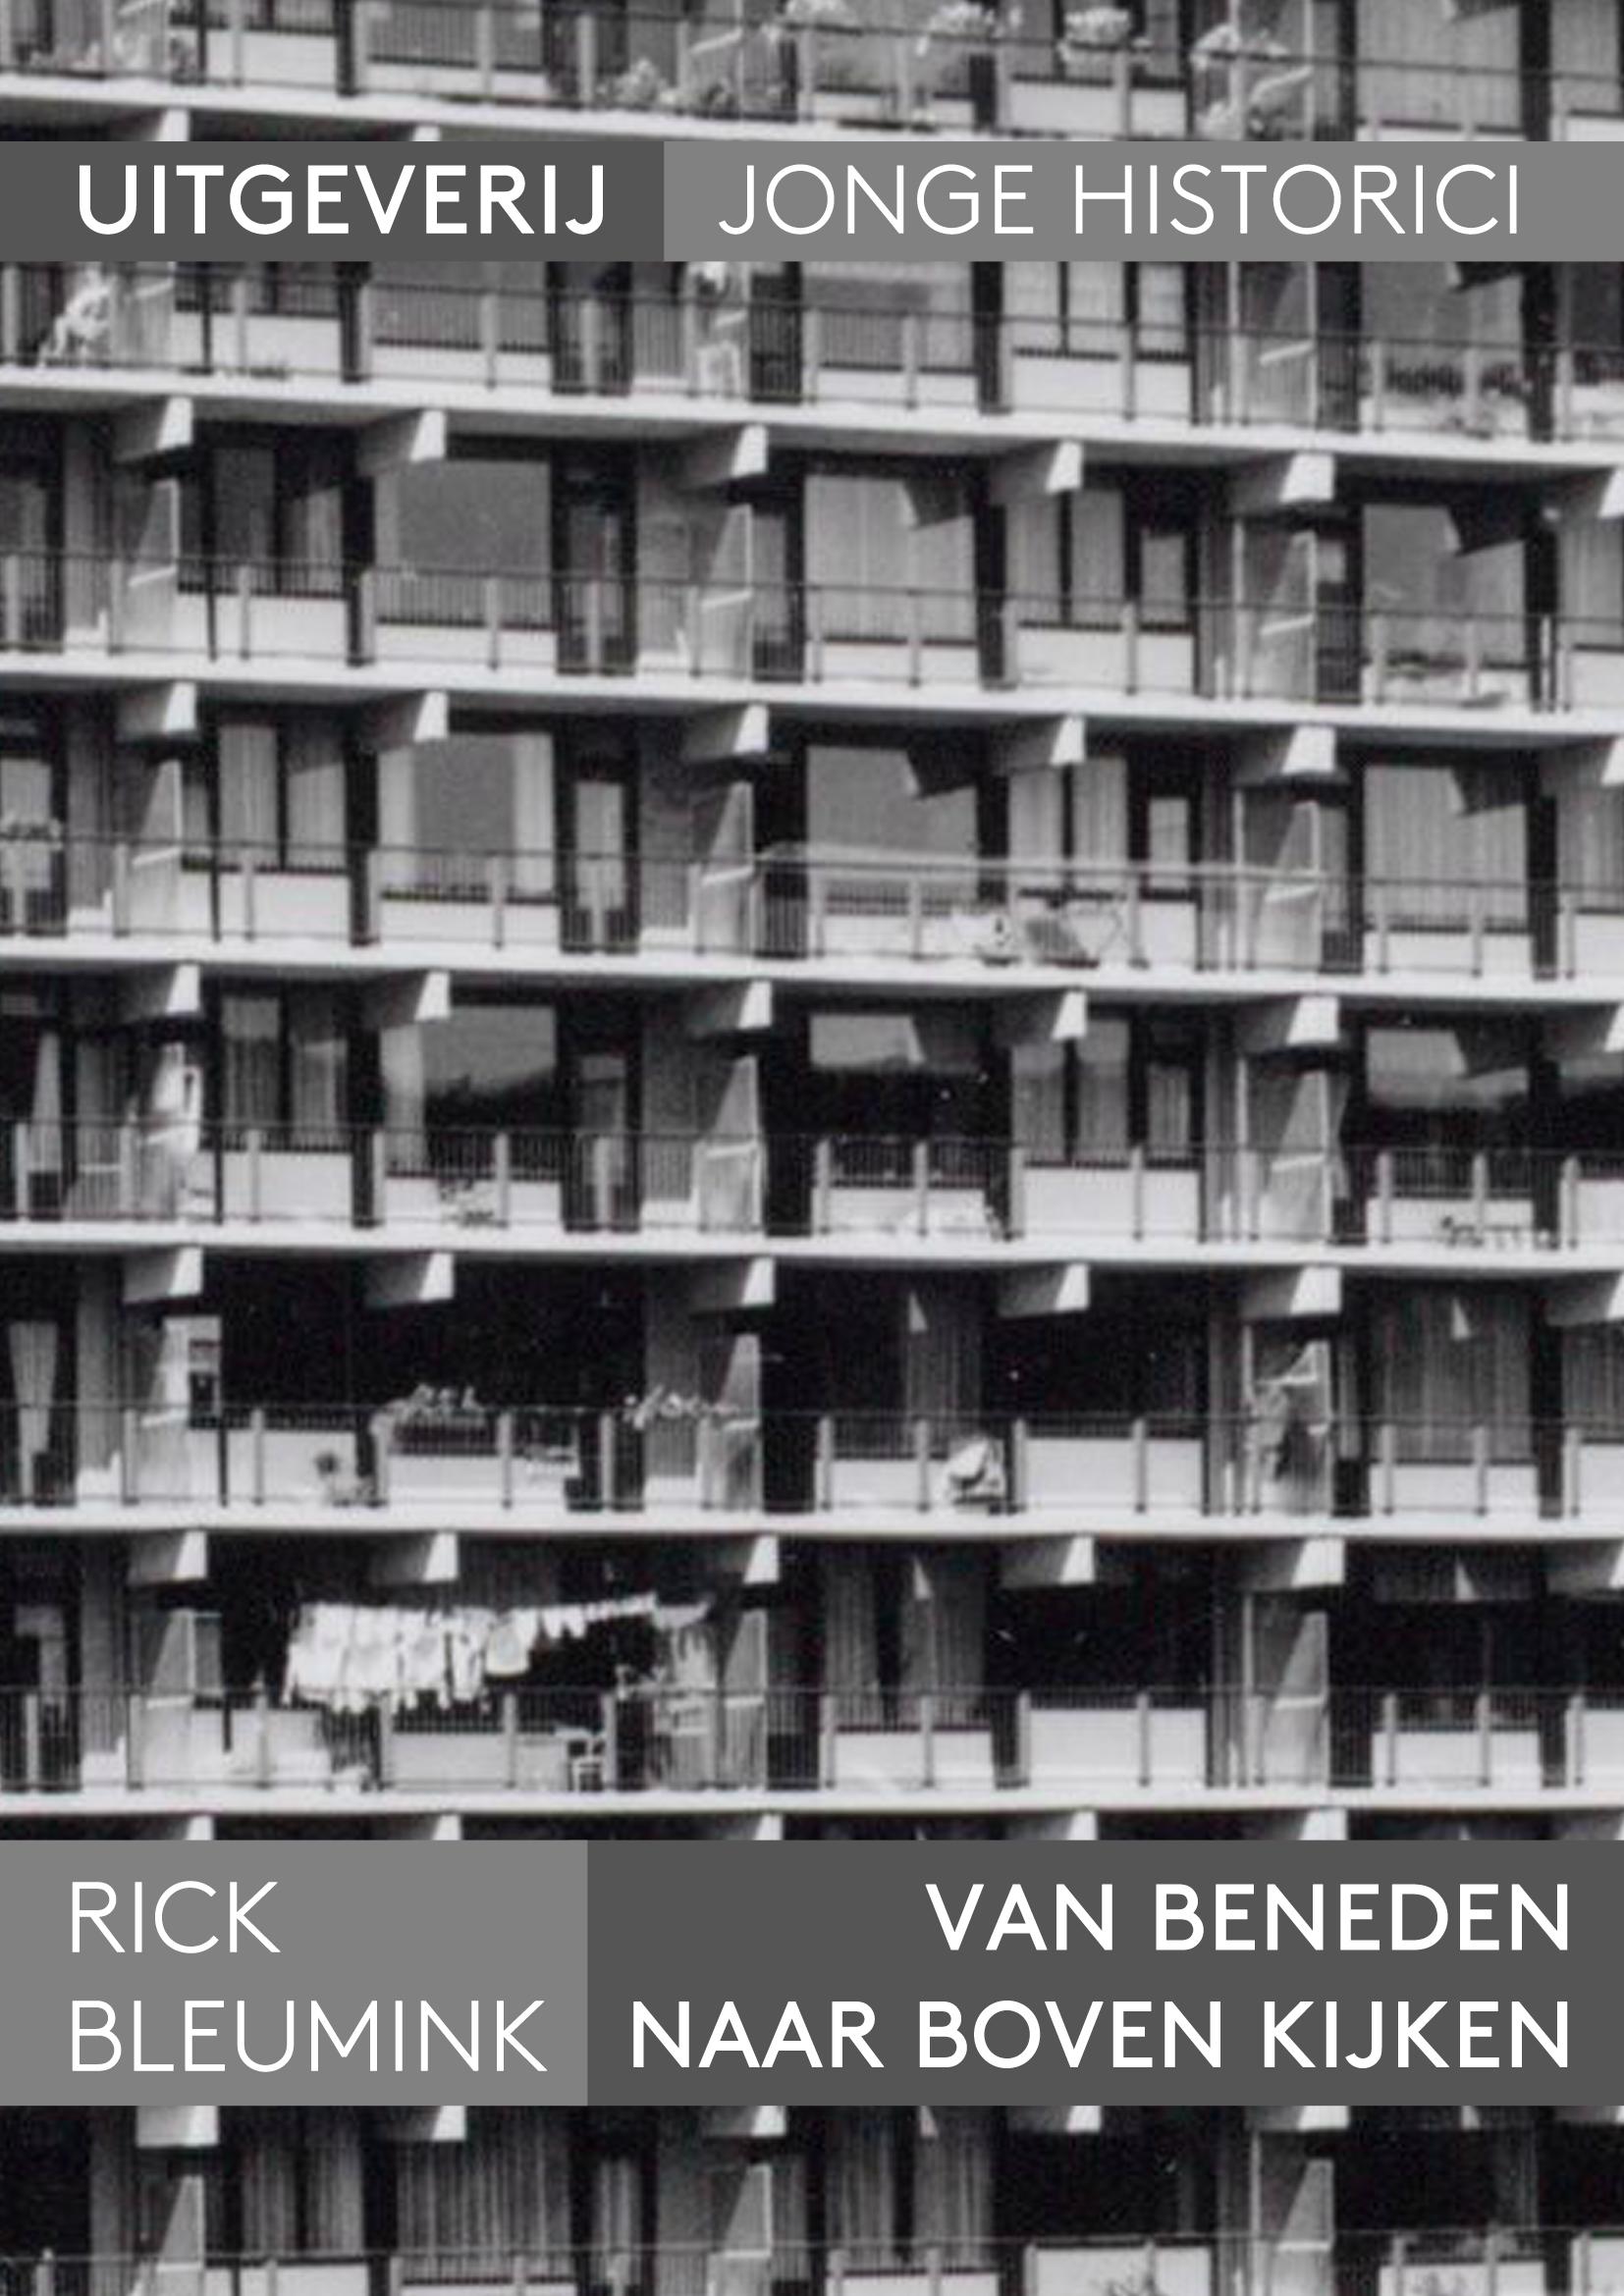 Rick Bleumink: Van beneden naar boven kijken. Onderzoek naar de beoordeling van oorspronkelijke bewoners en hun invloed op het resultaat van de Bijlmermeer in de jaren 1970 en 1980